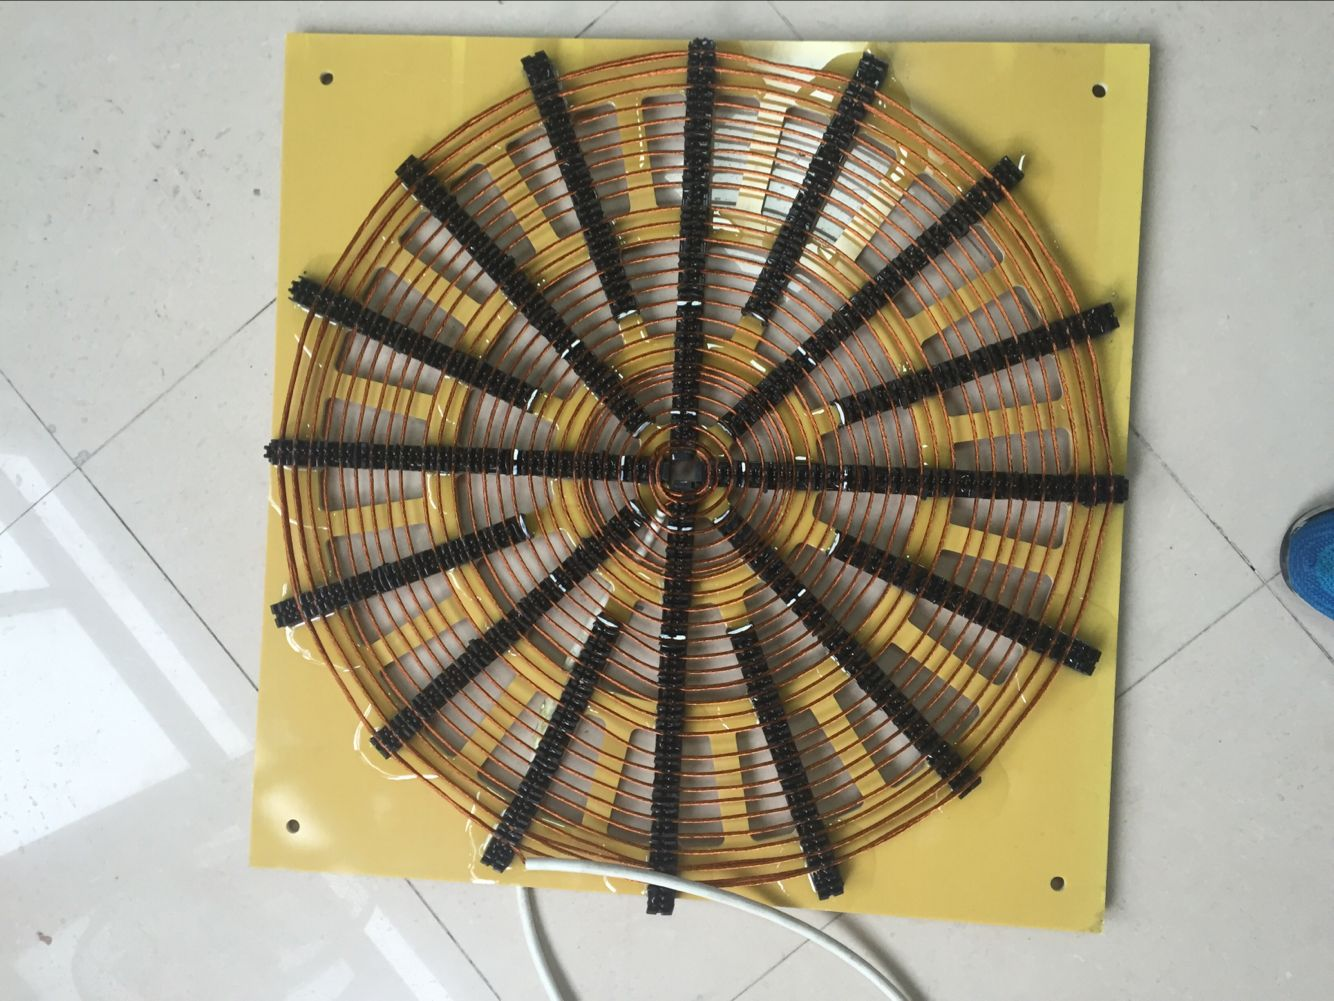 電磁加熱器廠家電話-具有口碑的電磁加熱器廠家在廣東